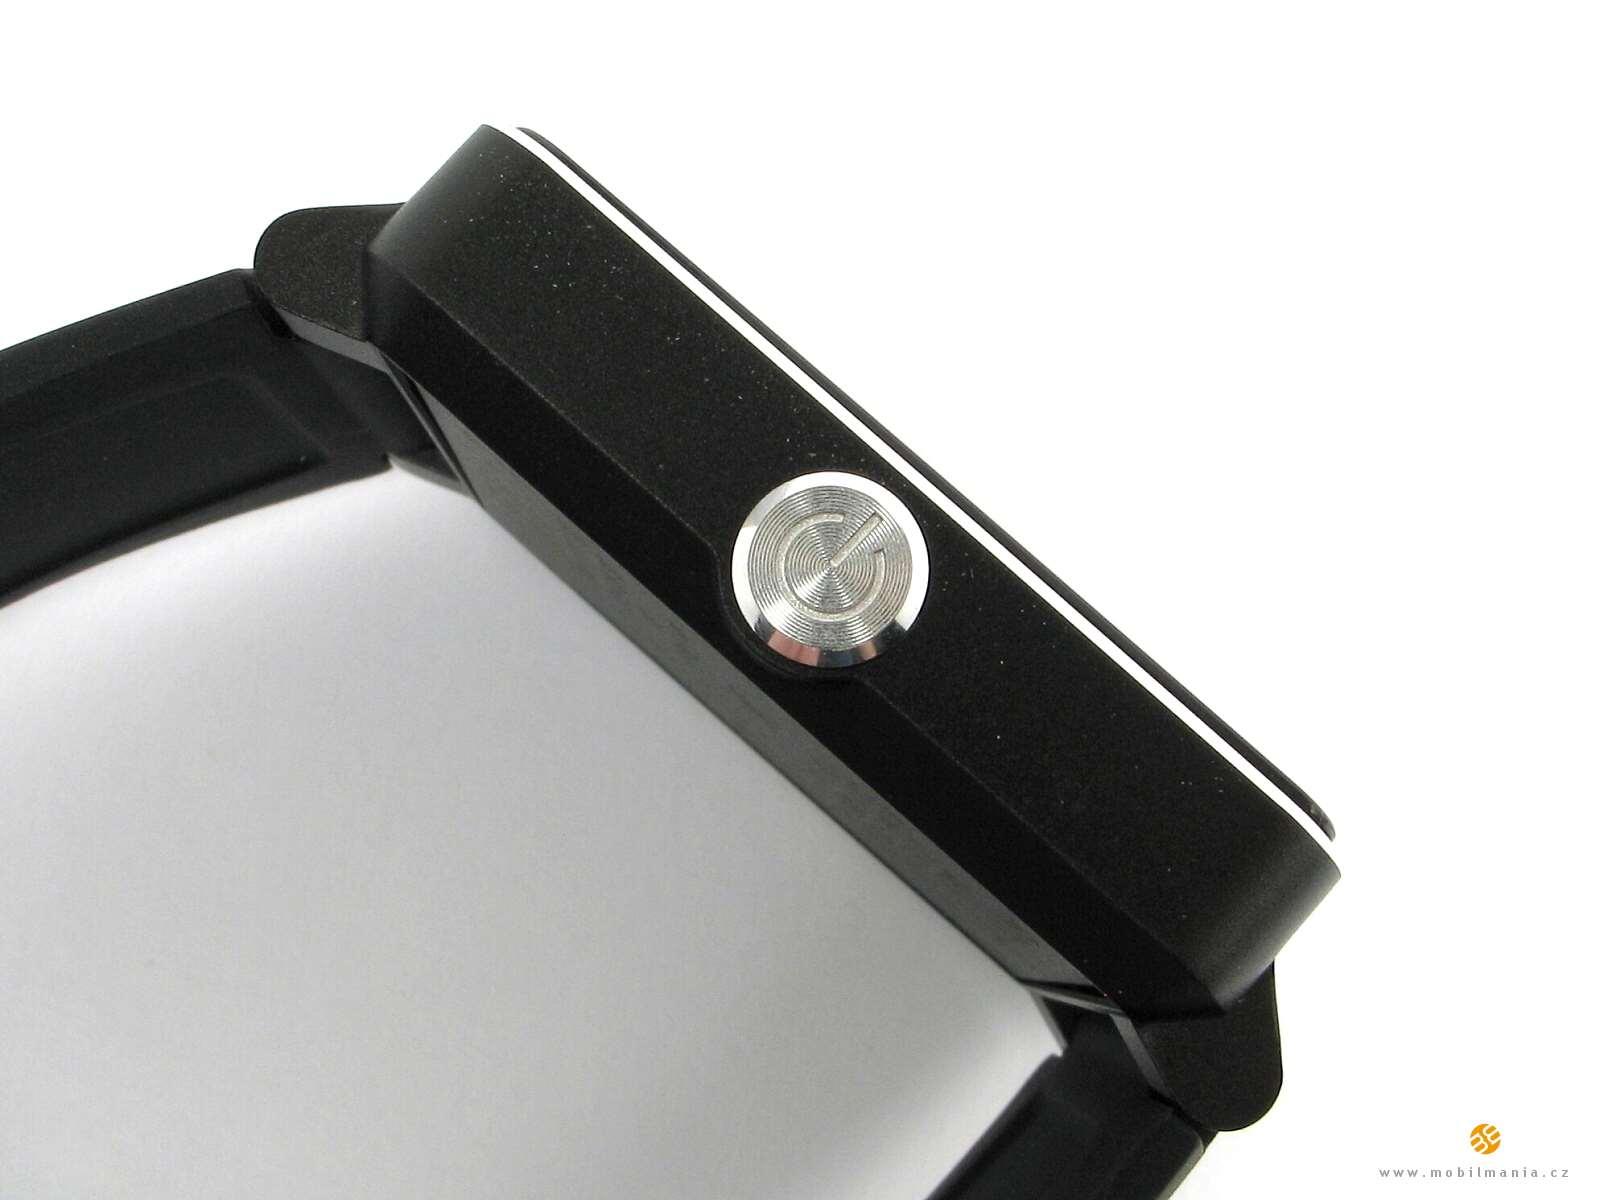 Výrazné zapínací boční tlačítko a rubová strana hodinek. Pod ní je ukrytá  uživatelsky nepřístupná baterie 8942e5b8093